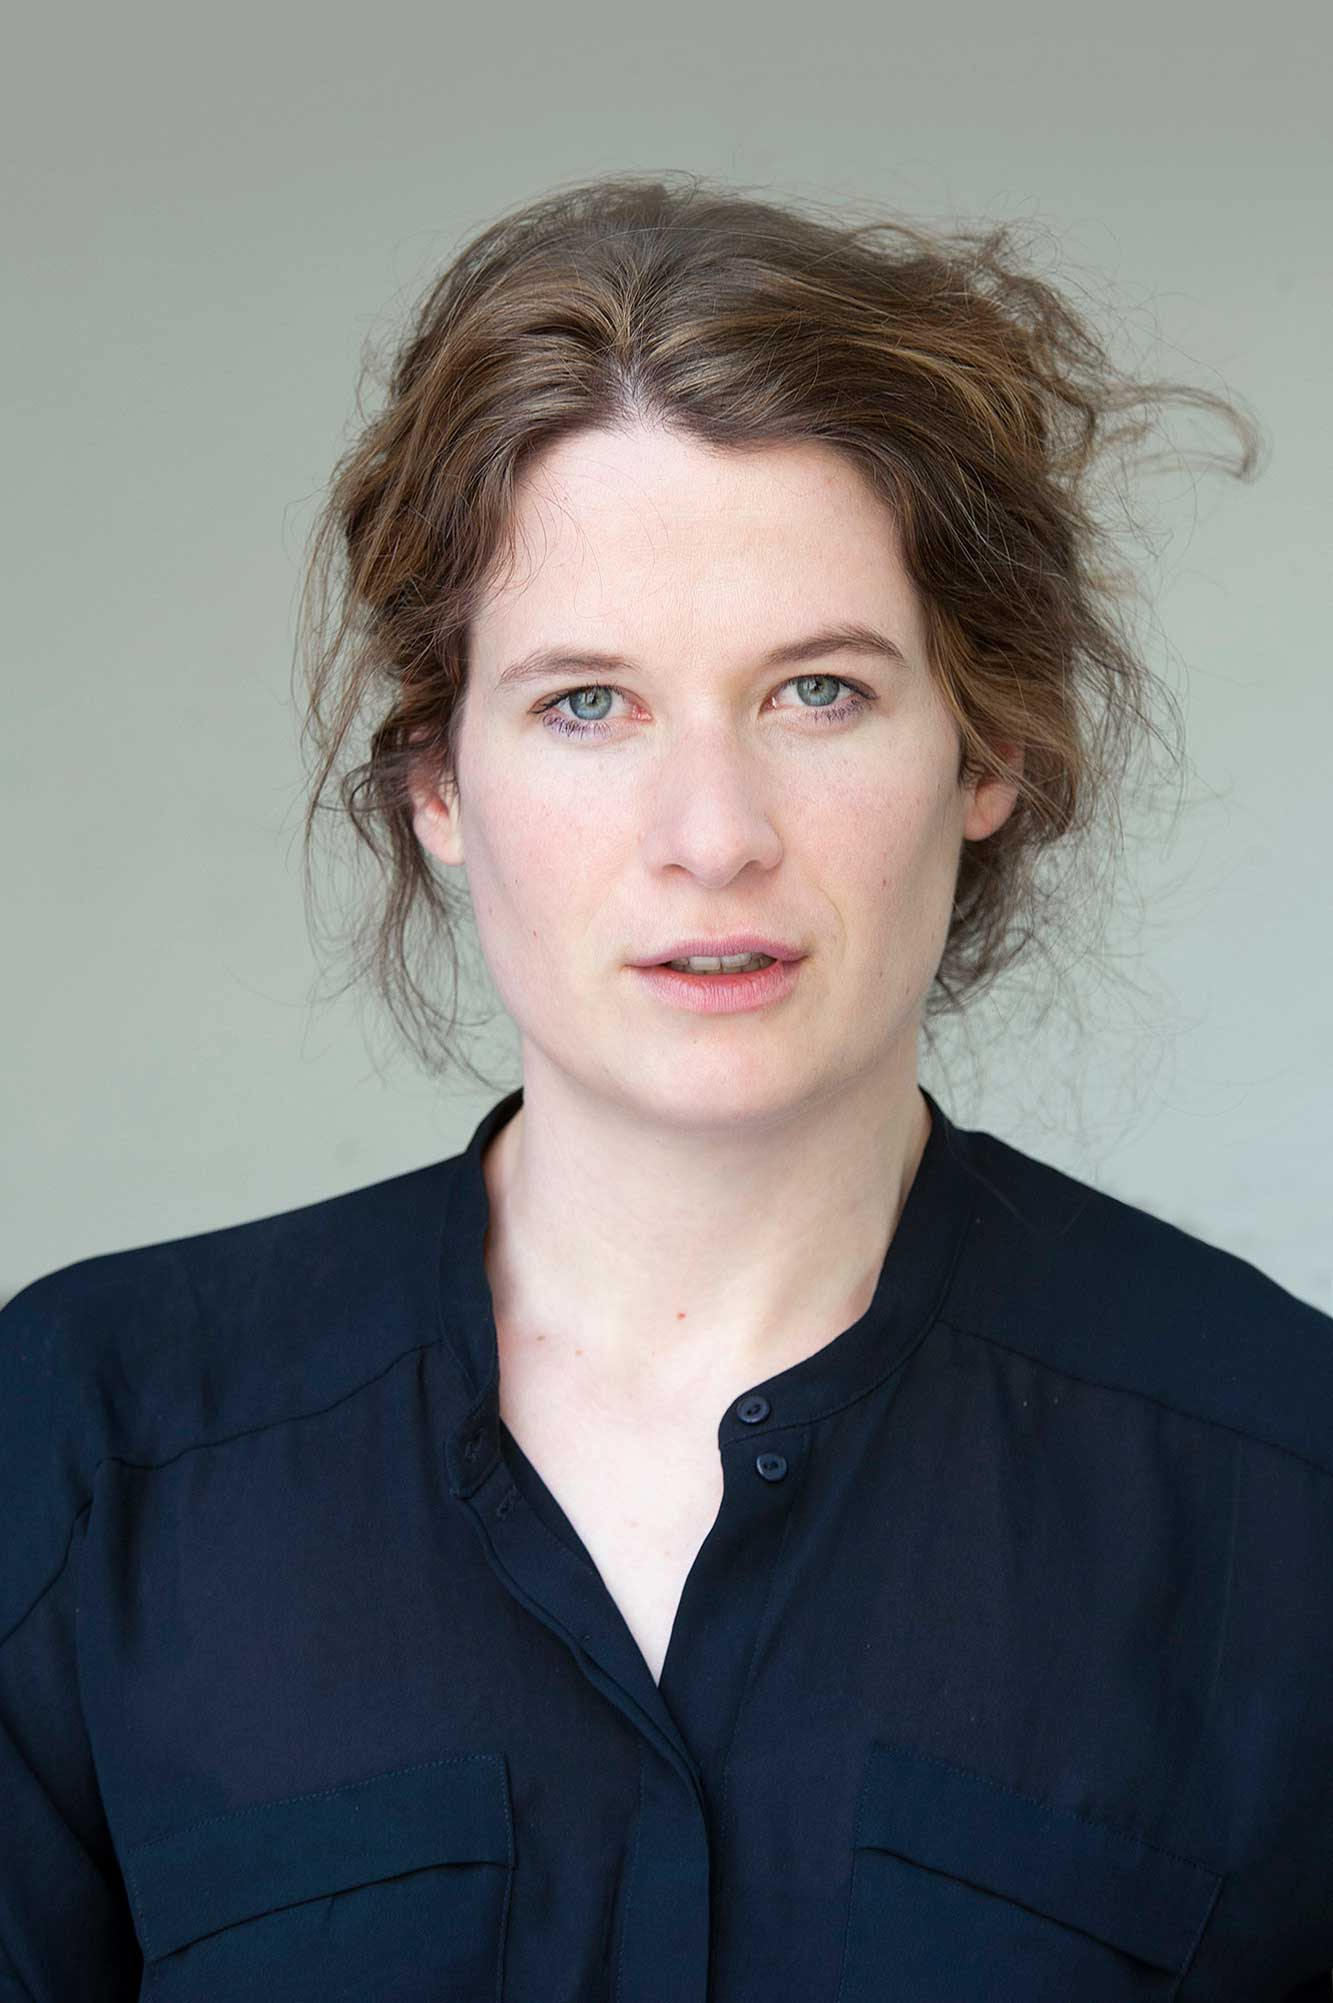 Marie Luisa Kerkhoff